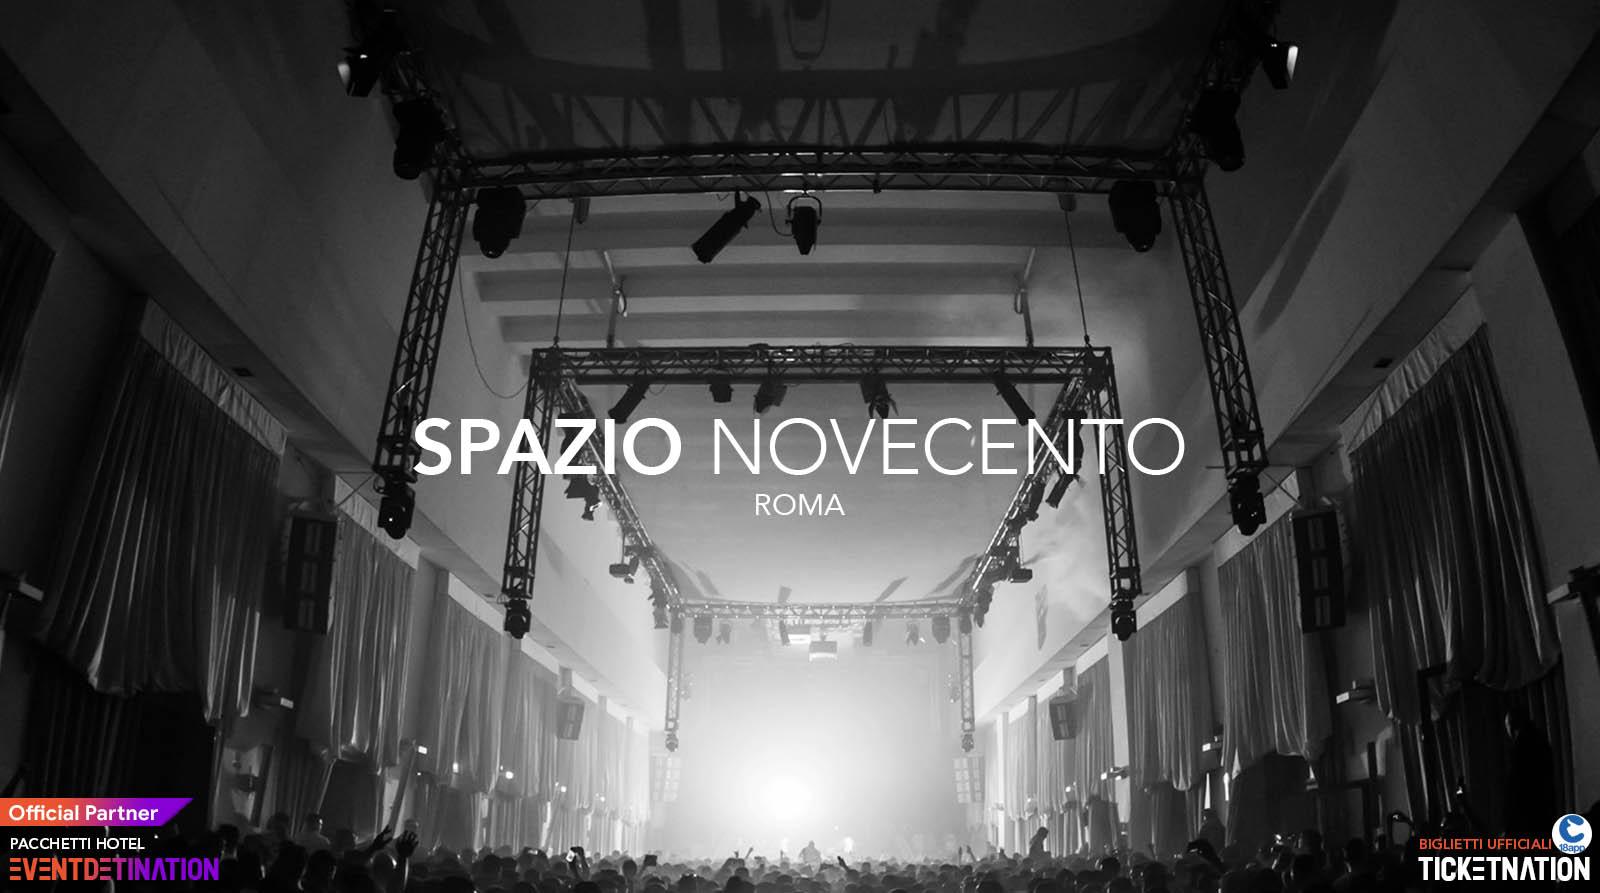 Spazio Novecento Roma – Sabato 19 10 2019 – Fatima HAJJI Rebekah – Ticket Biglietti 18App Tavoli e Pacchetti Hotel